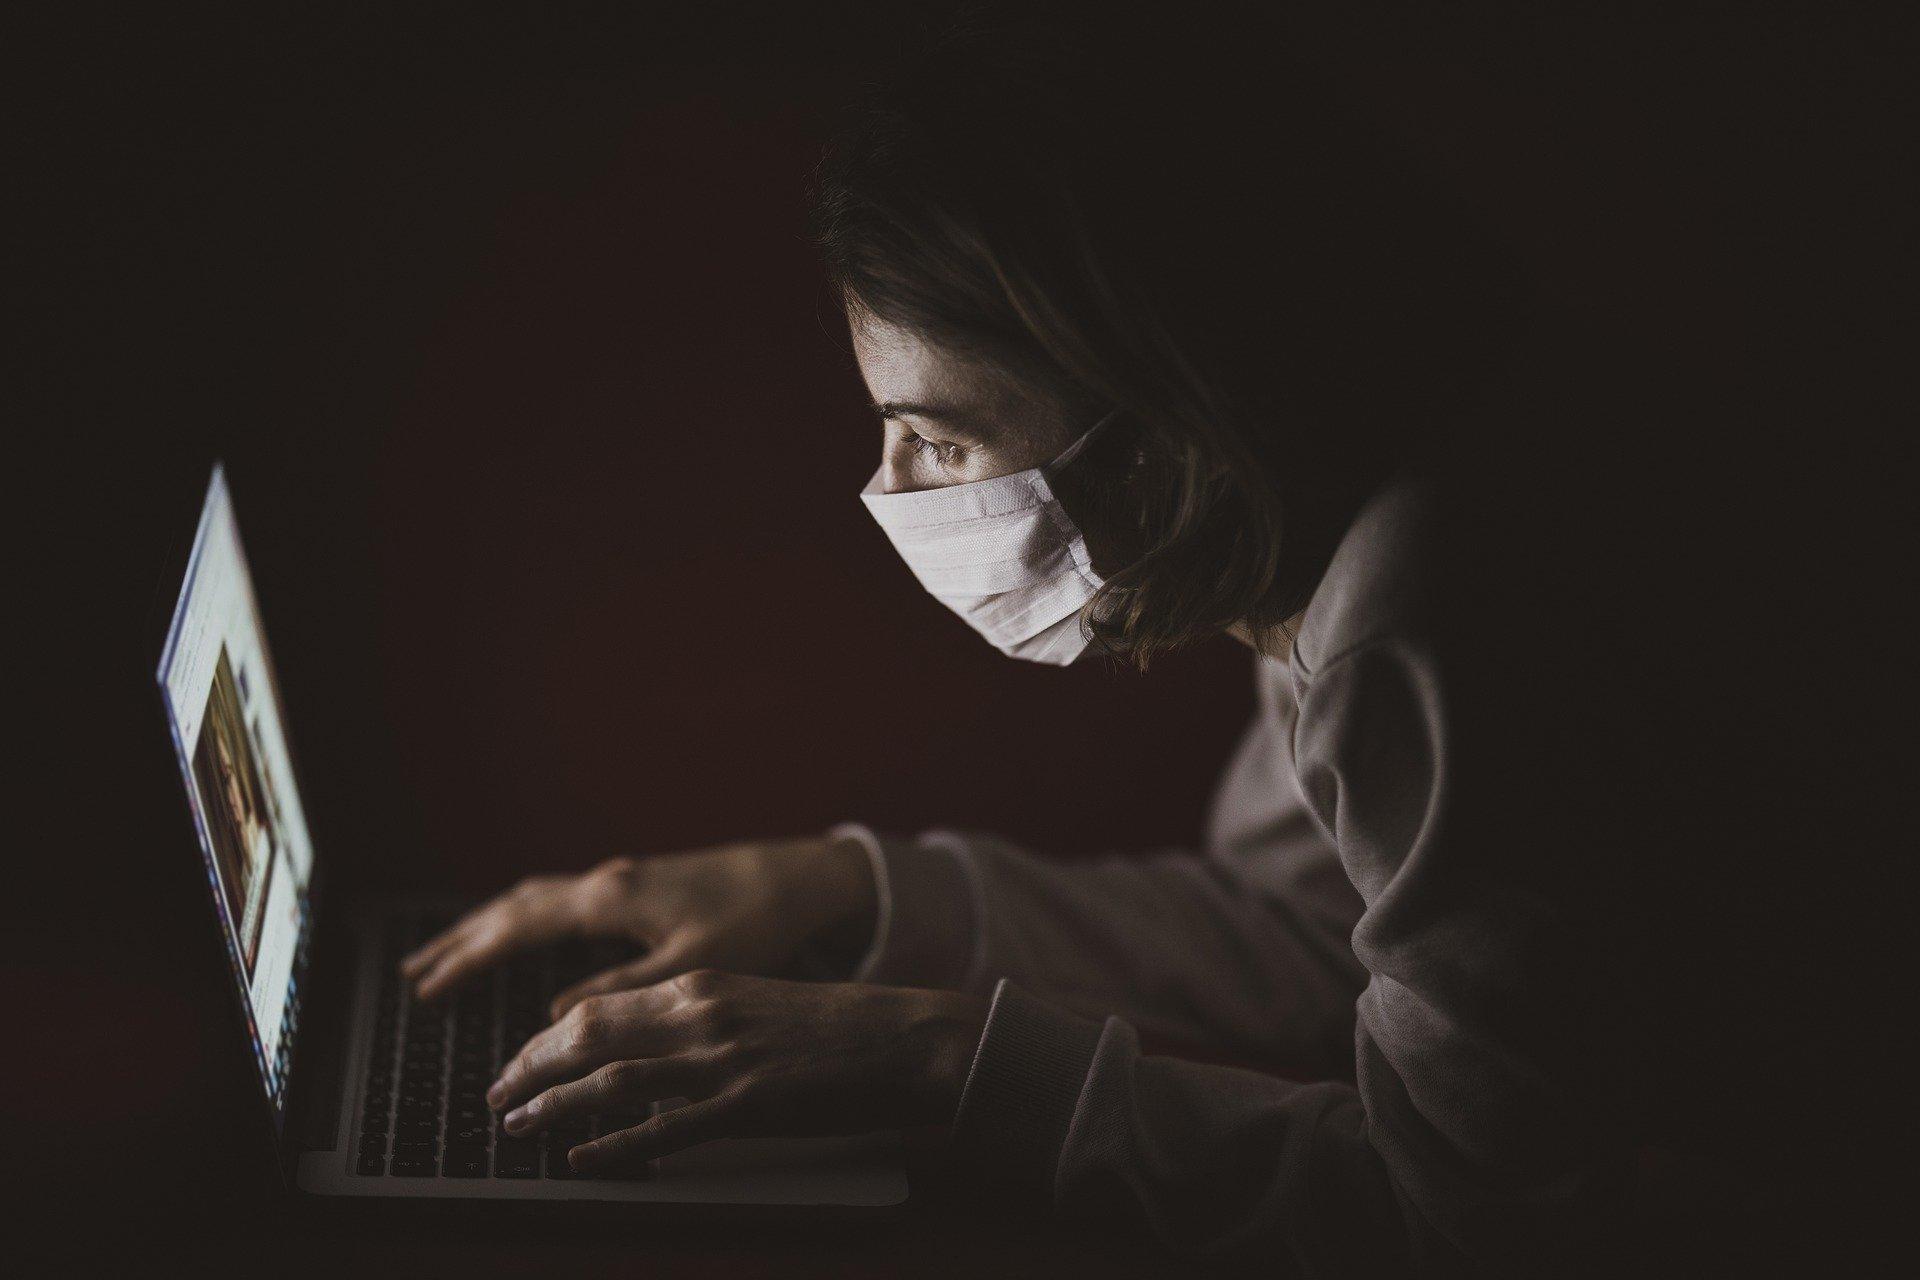 Trabajadores pueden padecer estrés por COVID-19